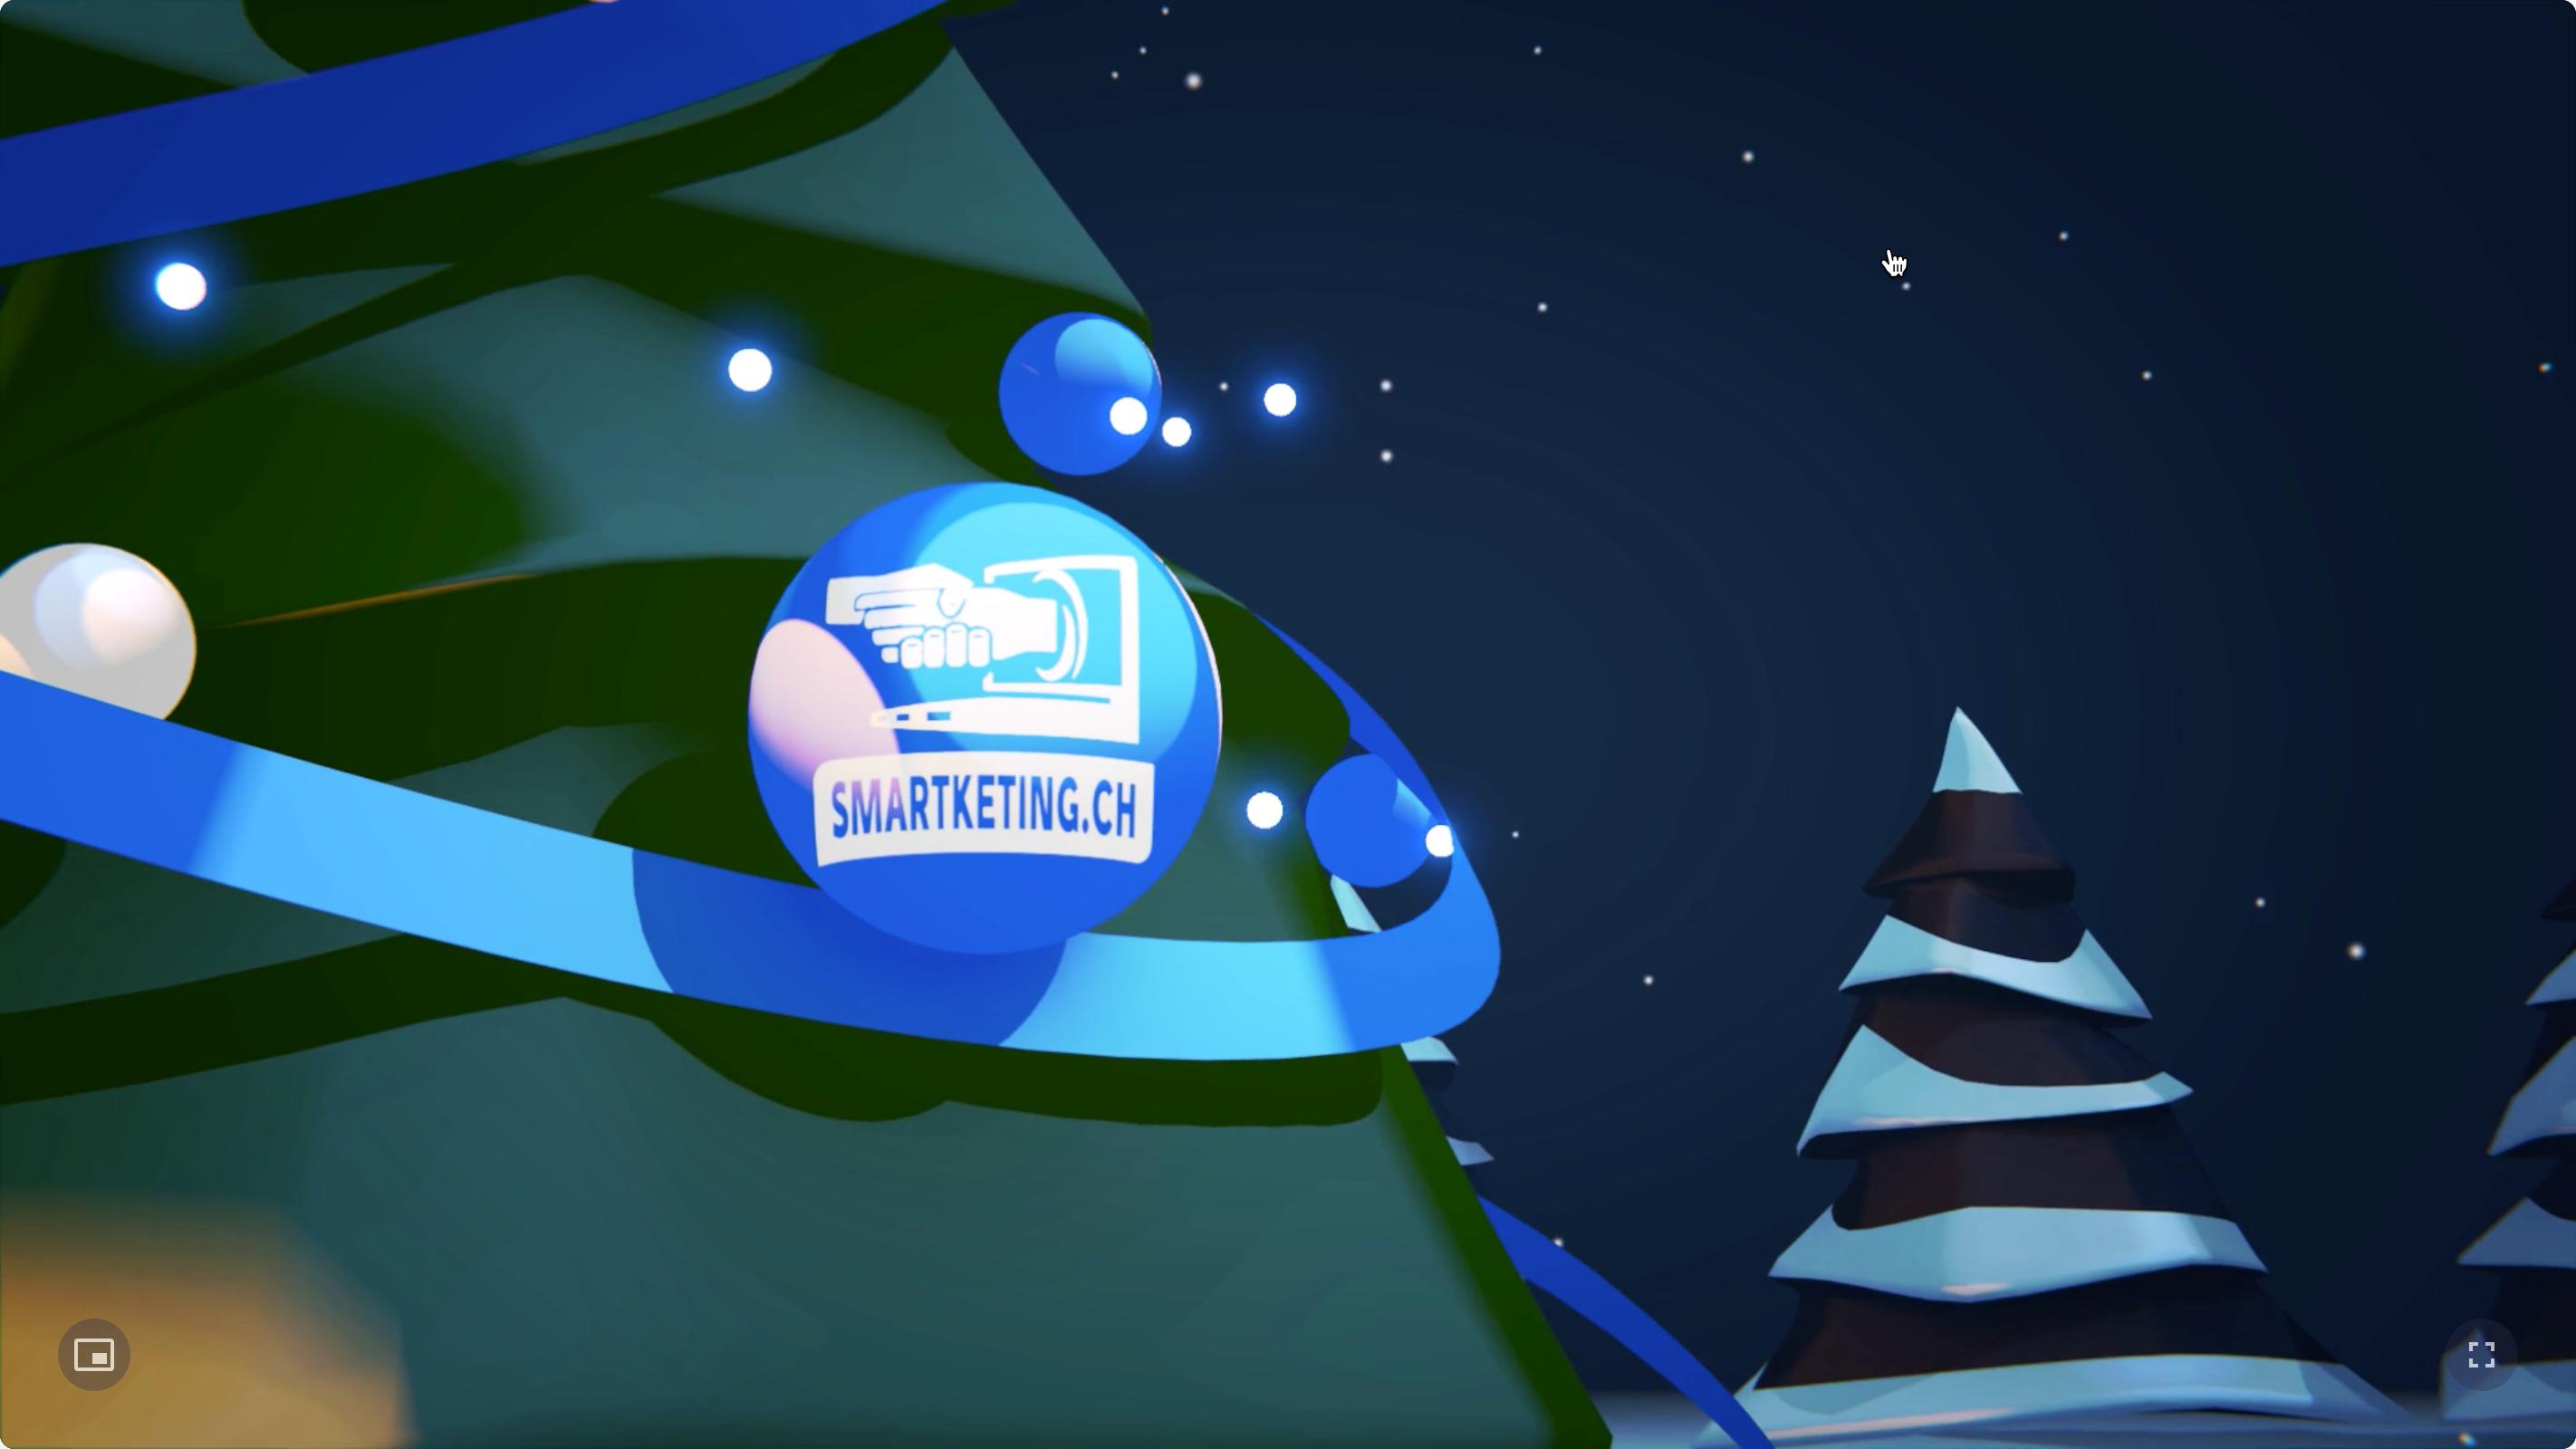 Unsere 5 Digital Smar(t)keting-Tipps für Weihnachten 2020